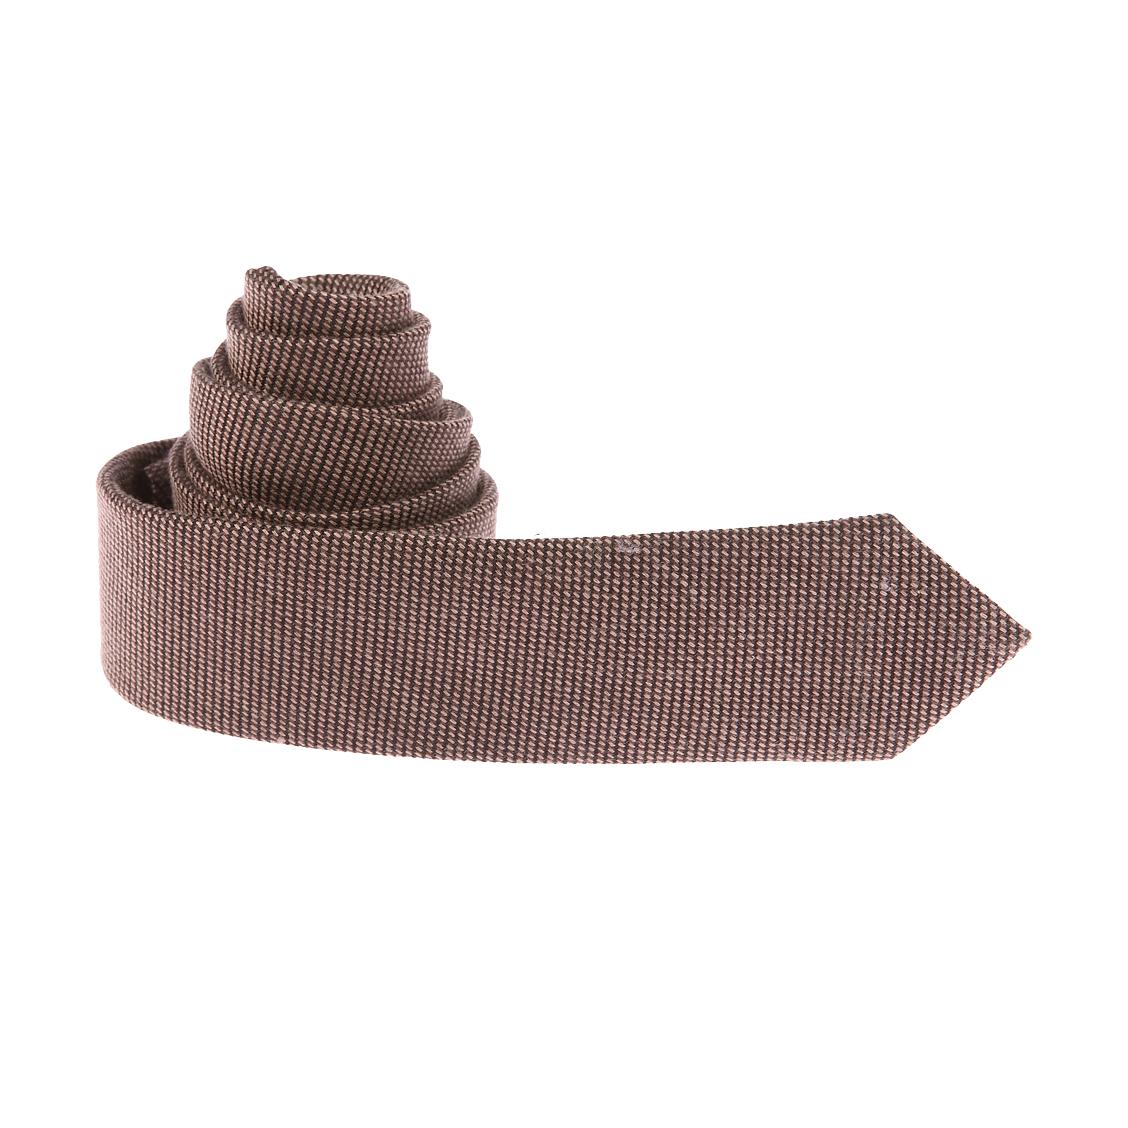 Cravate Selected en soie et laine à petits carreaux marron clair et marron foncé